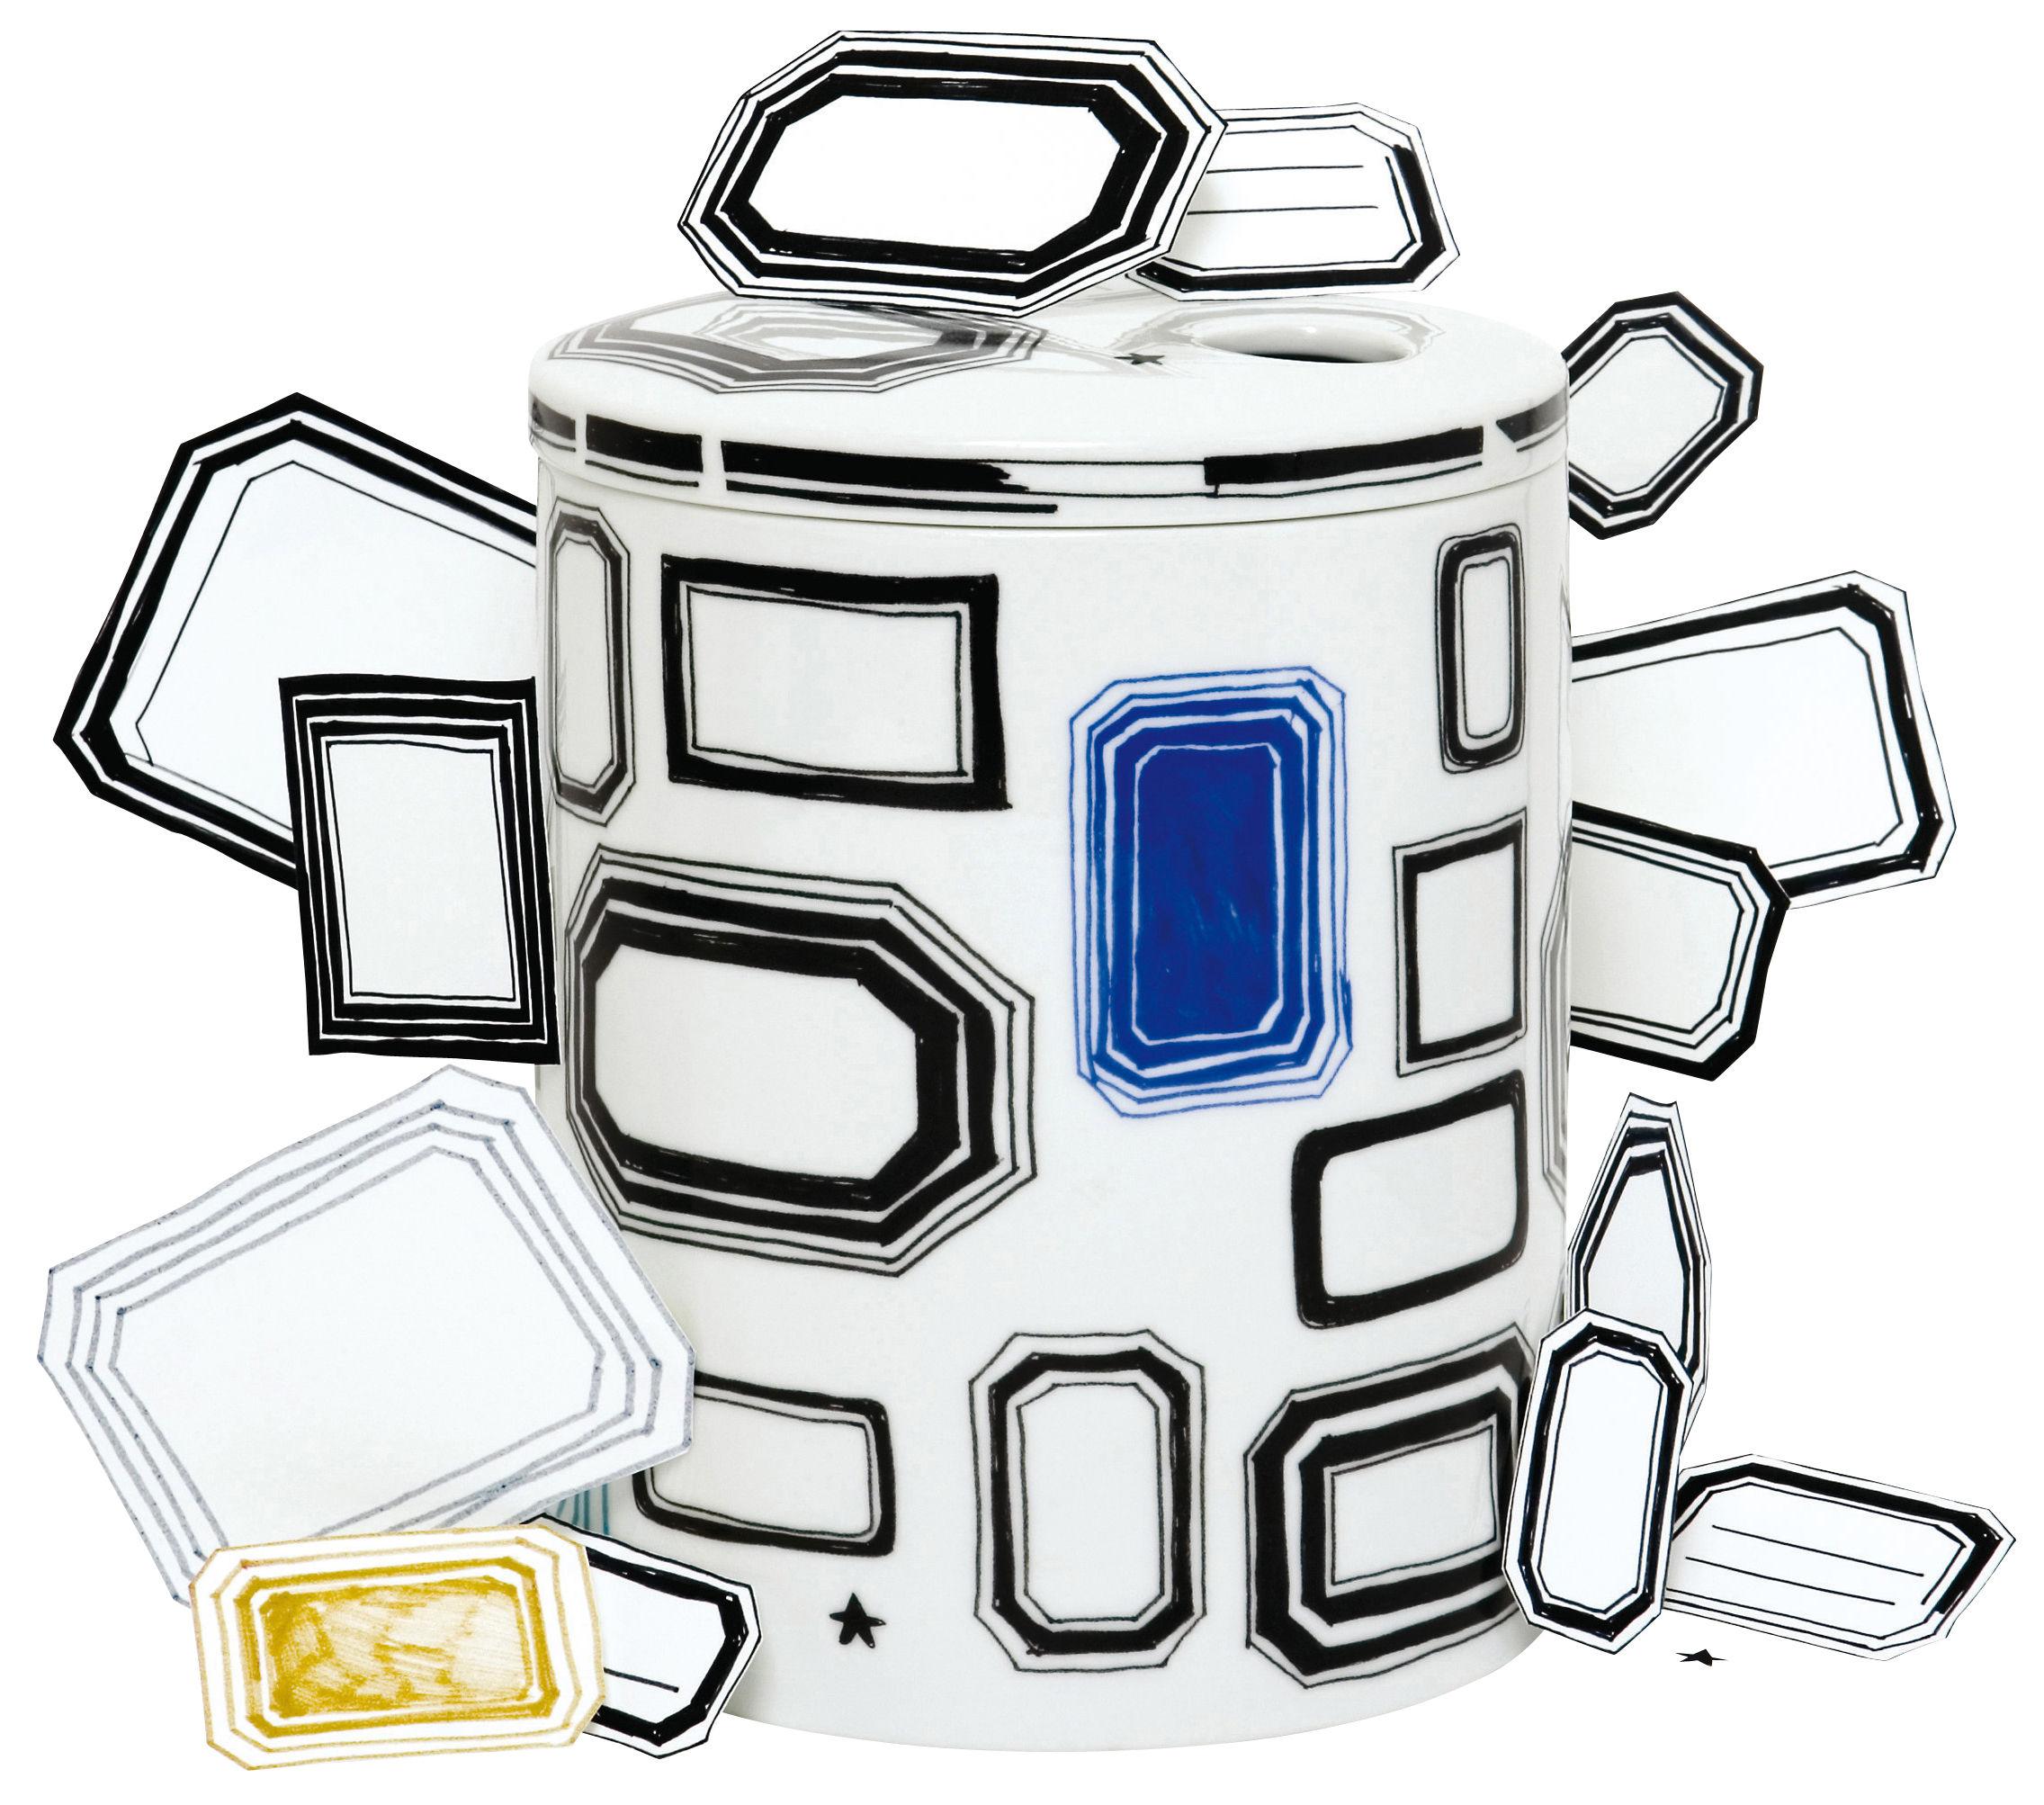 Déco - Vases - Boîte Surface 01 - Coll print / Soliflore - Domestic - Coll print - Porcelaine